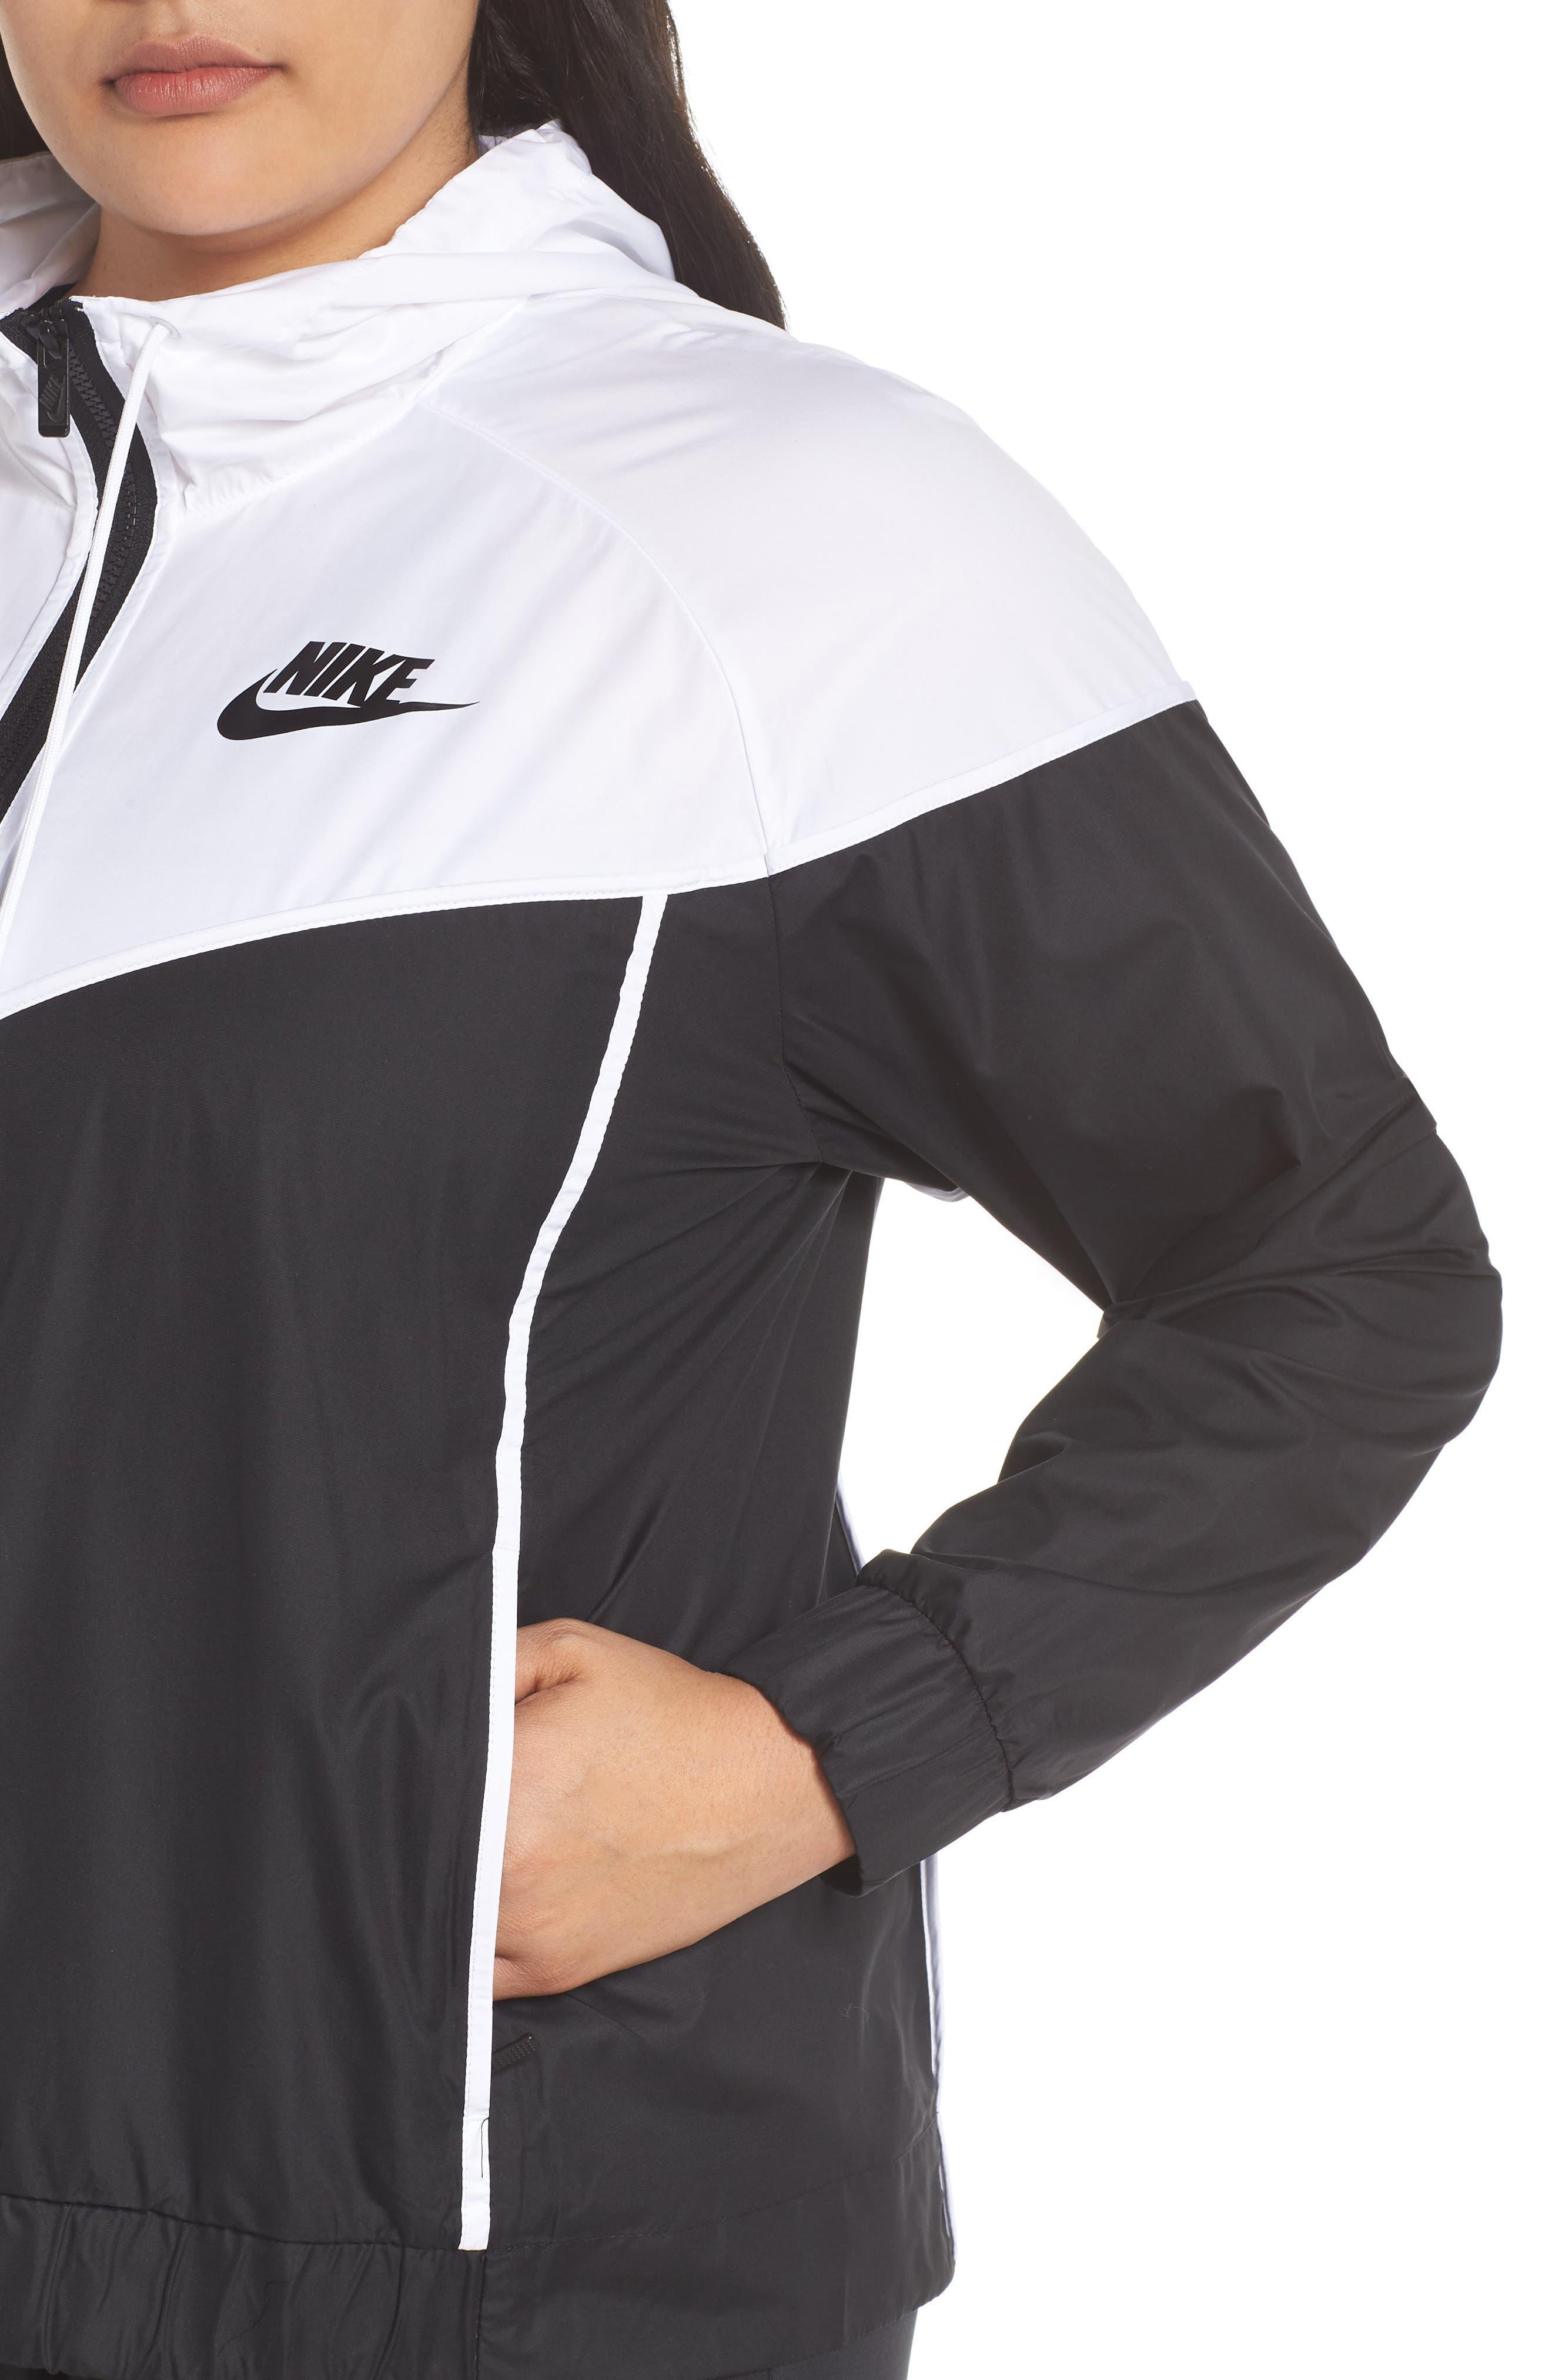 Sportswear Windrunner Jacket,                             Alternate thumbnail 4, color,                             BLACK/ WHITE/ BLACK